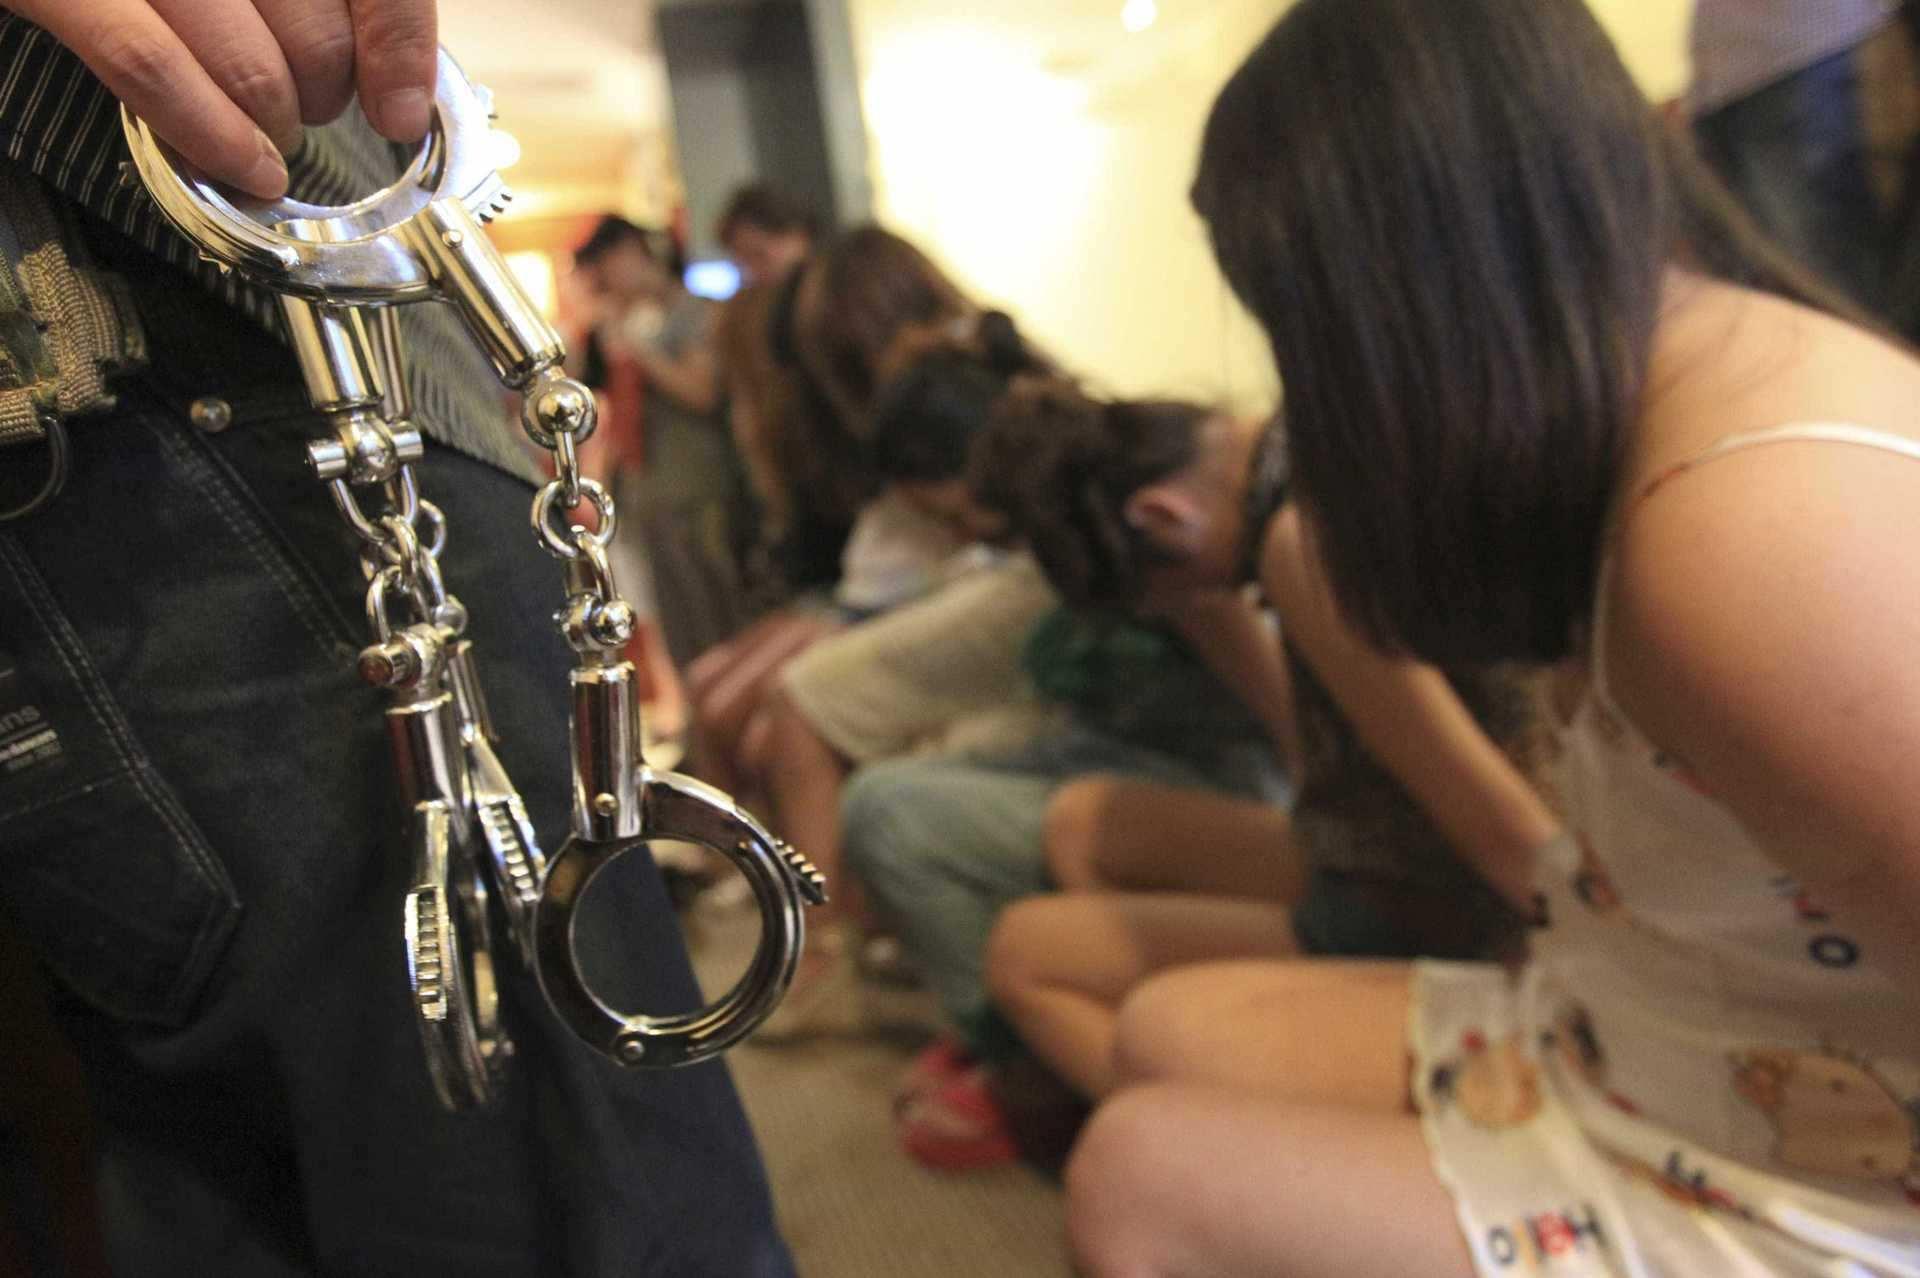 Десятки тысяч украинцев пострадали от торговли людьми за последние 3 года | Русская весна